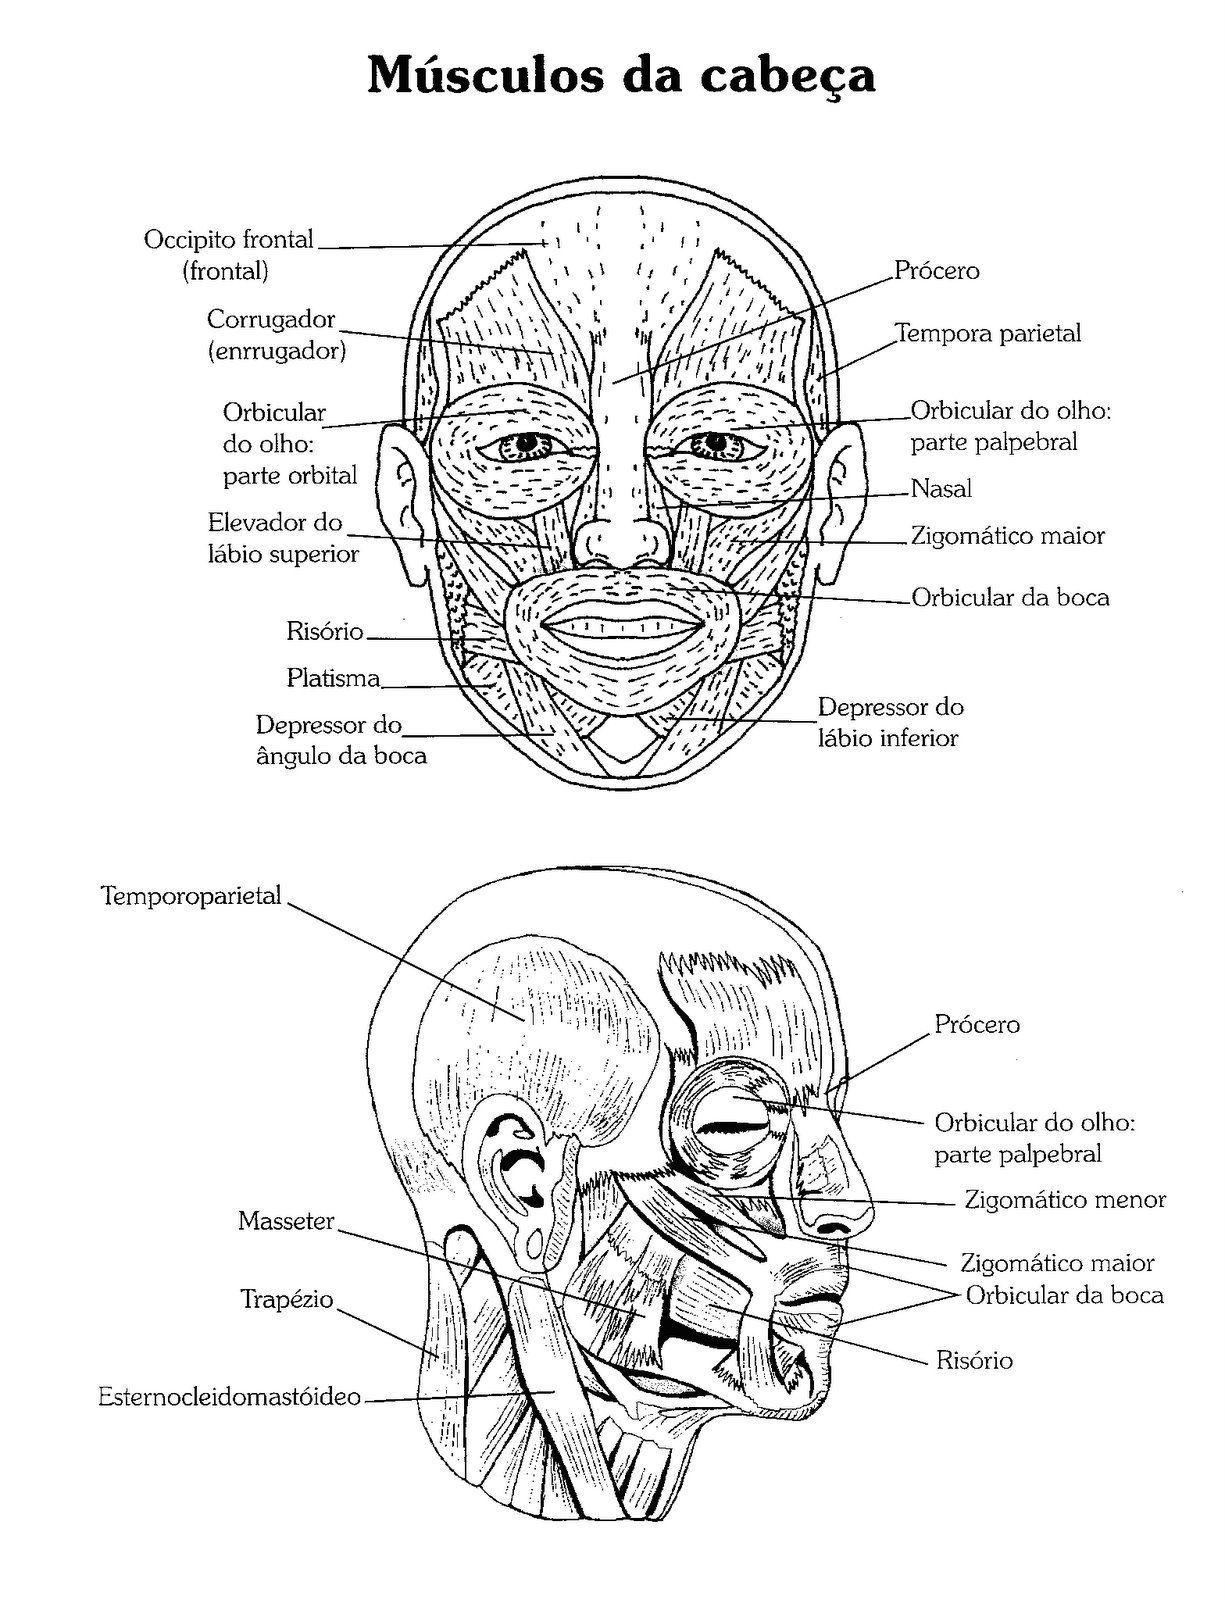 32 Desenhos De Anatomia Humana Para Colorir E Imprimir Em 2020